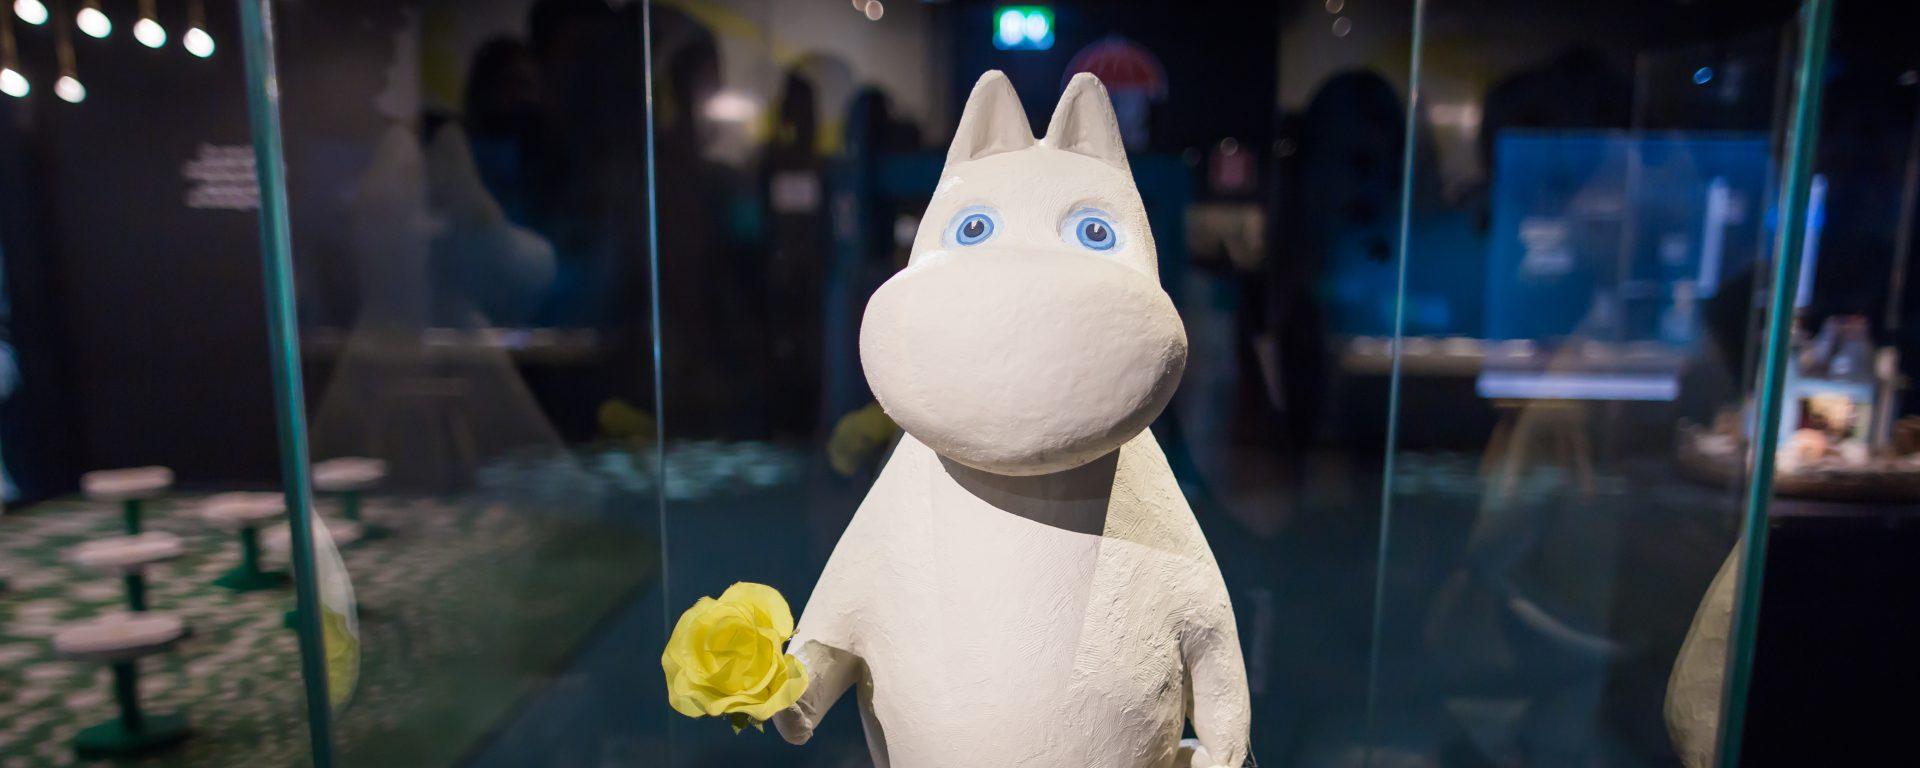 Moomin Museum Laura_Vanzo